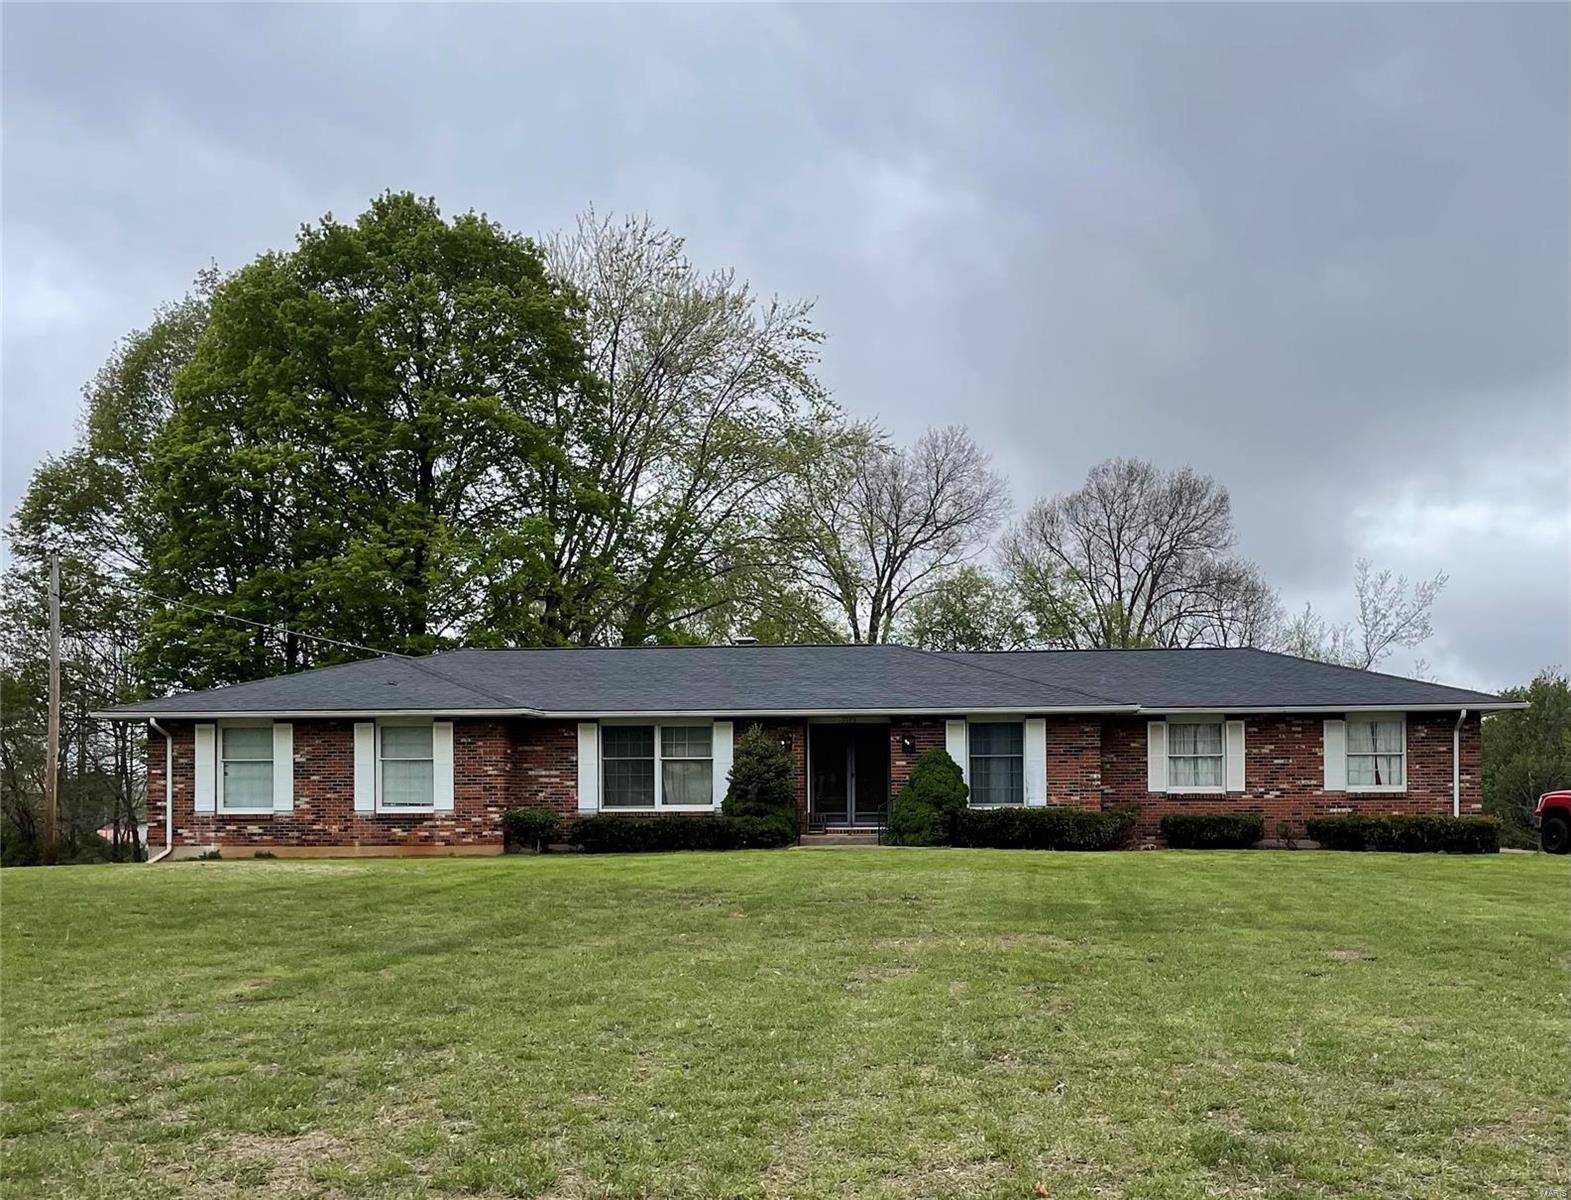 1113 N Desloge Property Photo - Desloge, MO real estate listing